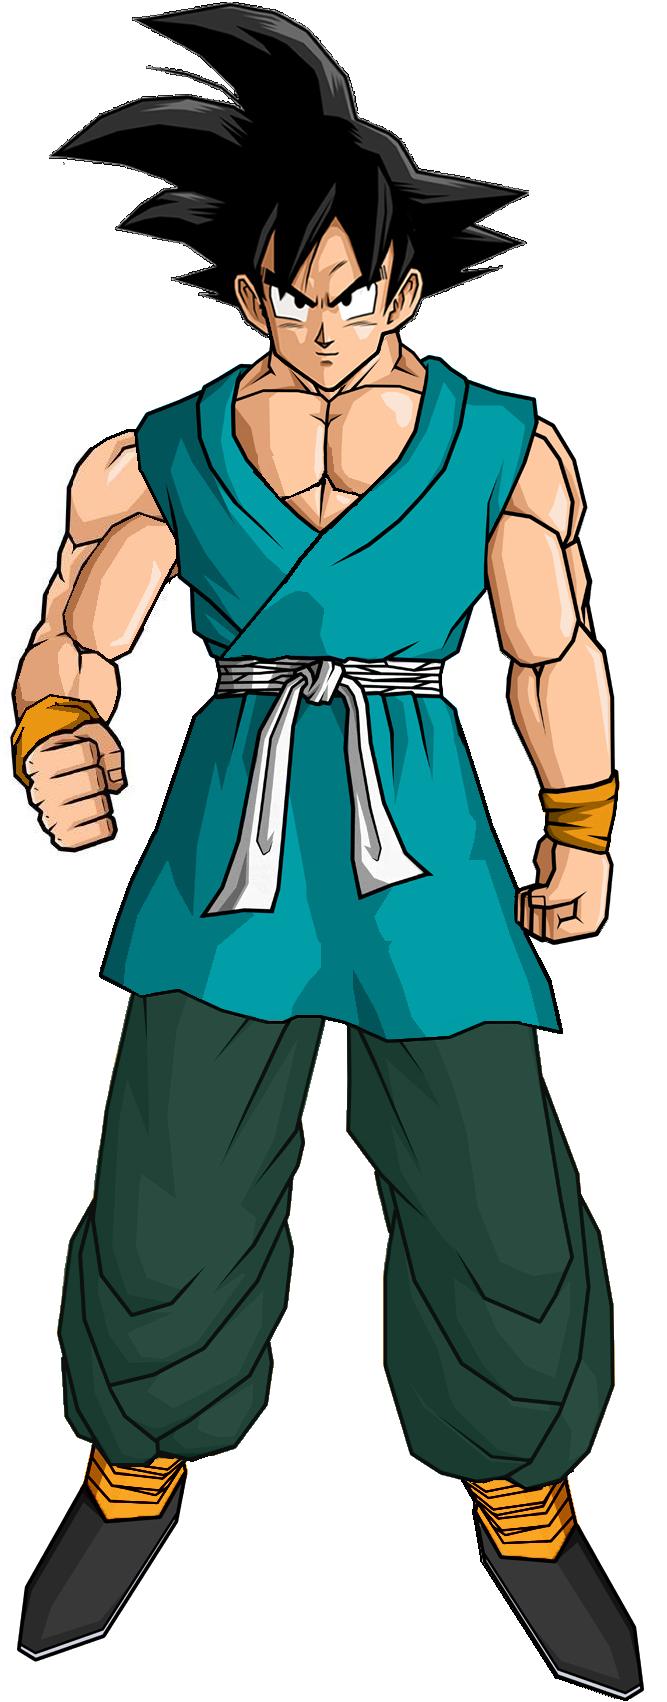 Goku- EOZ by Juan50 on DeviantArt